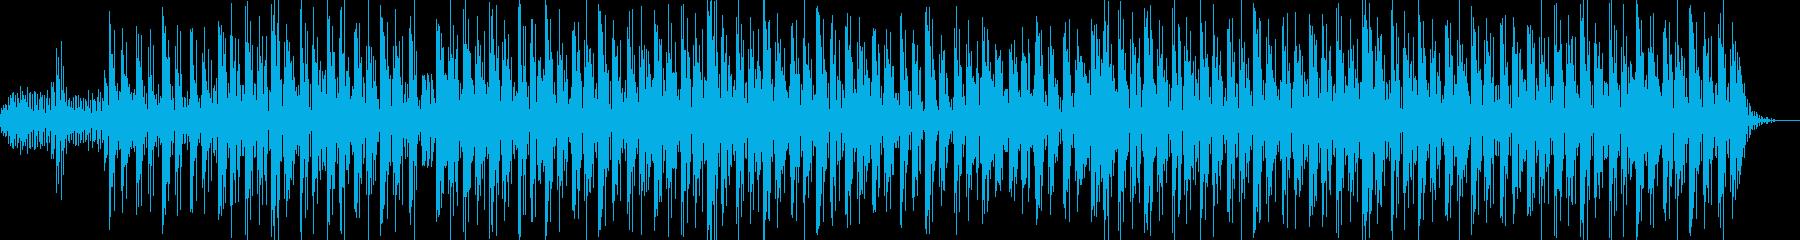 ホラーやミステリー向けのダビーなBGMの再生済みの波形